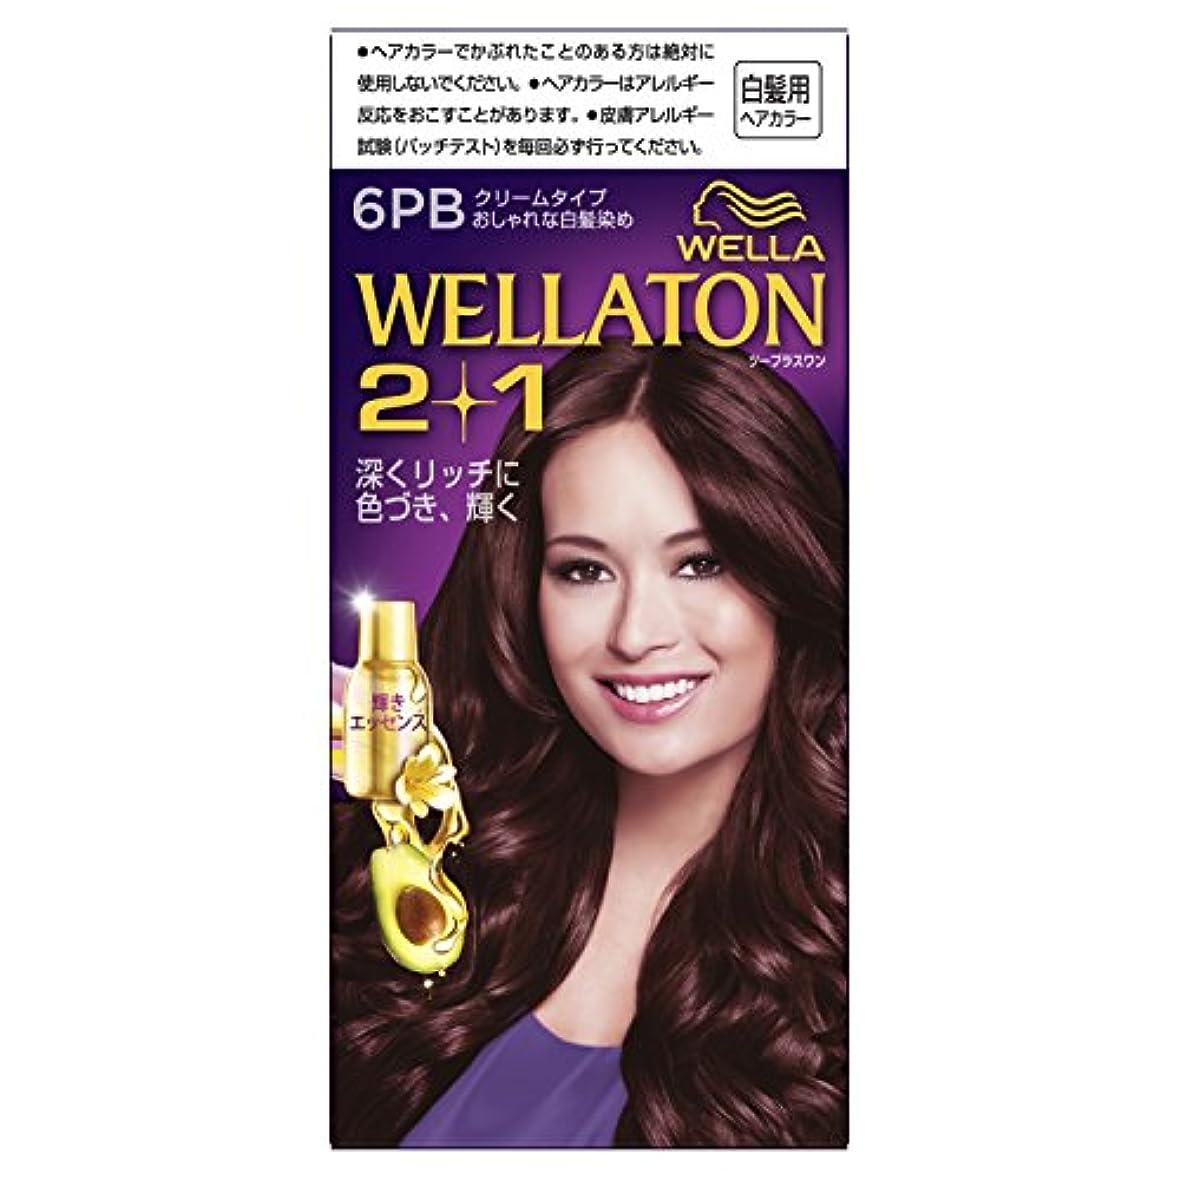 ヶ月目許容類人猿ウエラトーン2+1 クリームタイプ 6PB [医薬部外品](おしゃれな白髪染め)